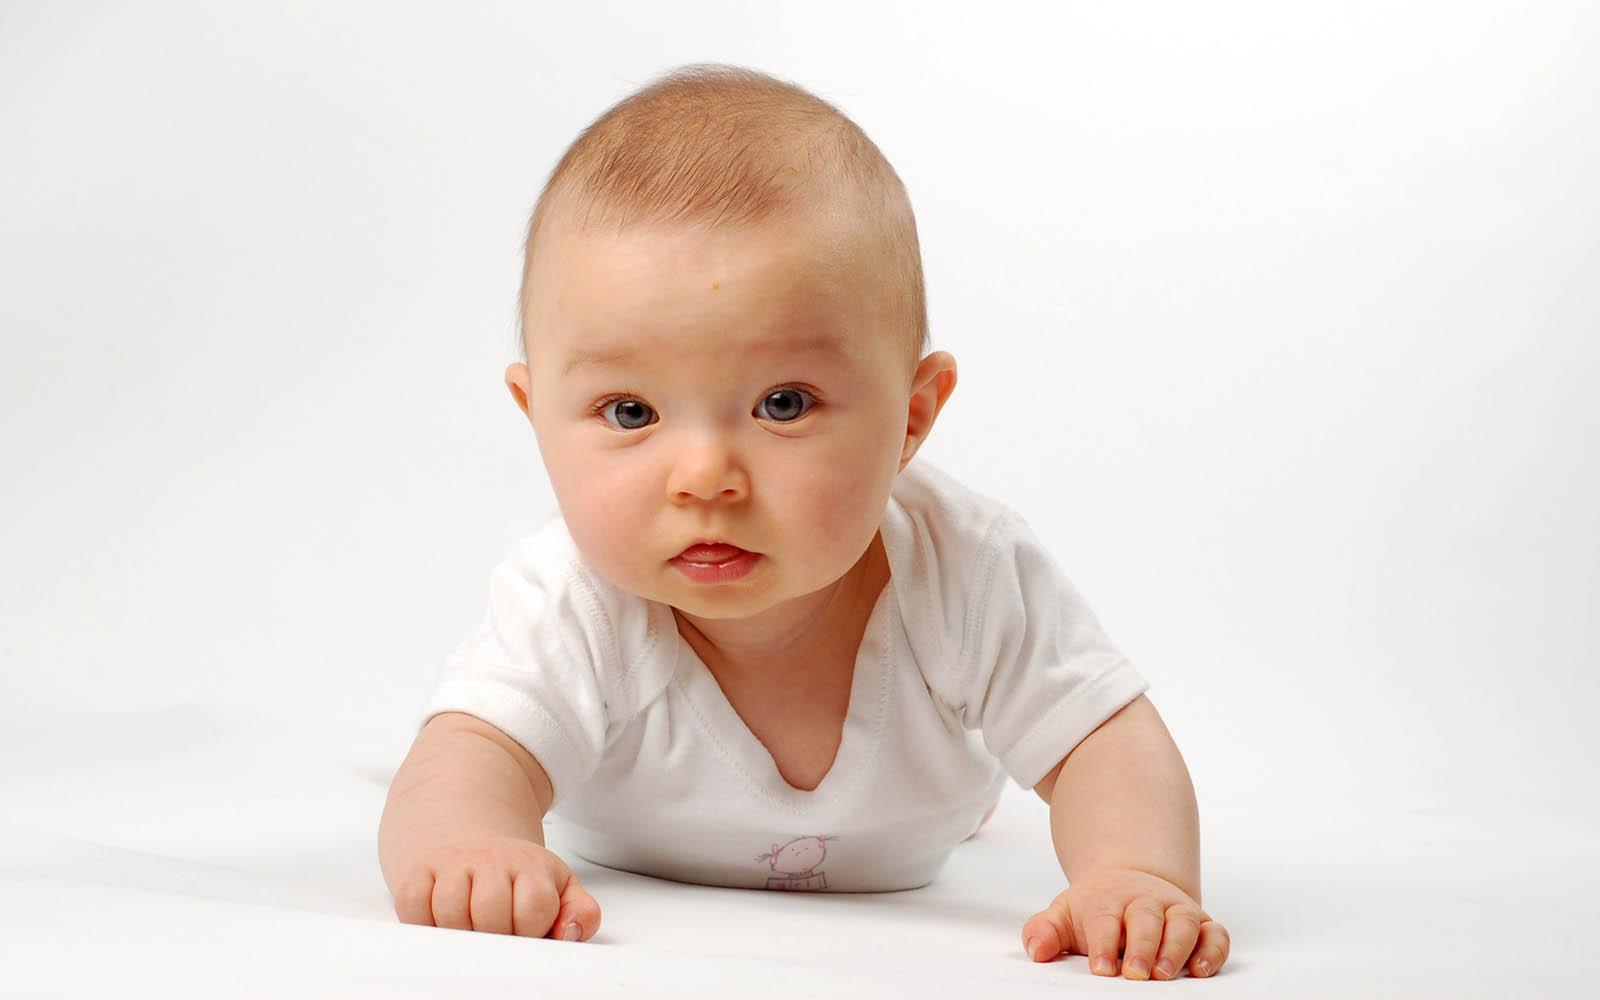 wallpapers Innocent Babies Wallpapers 1600x1000